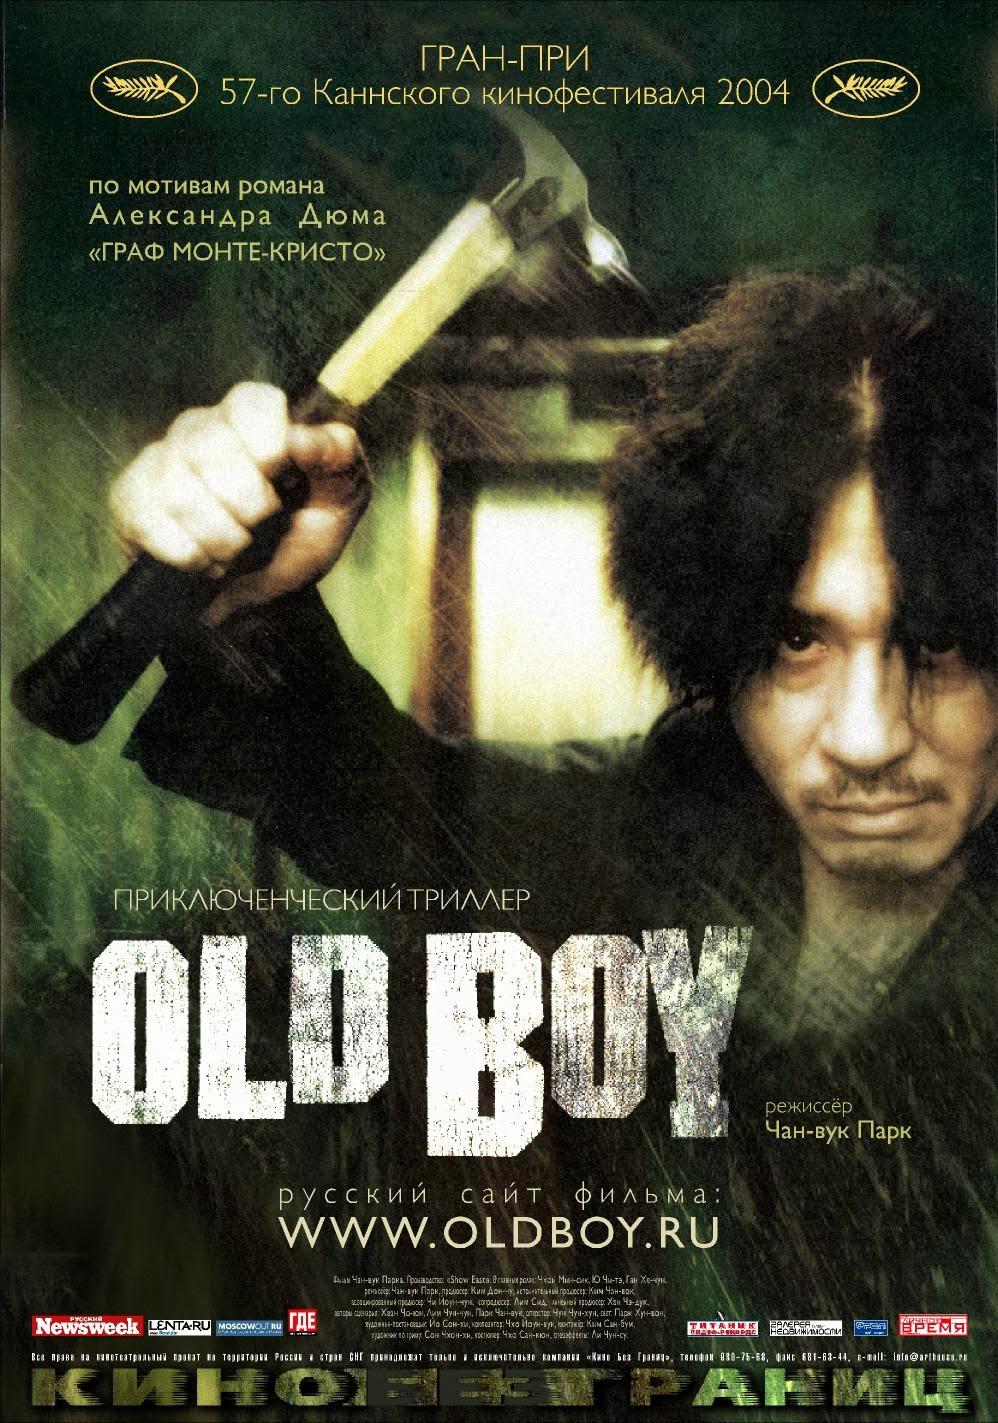 oldboy-poster-CC09-5E94-B309.jpg